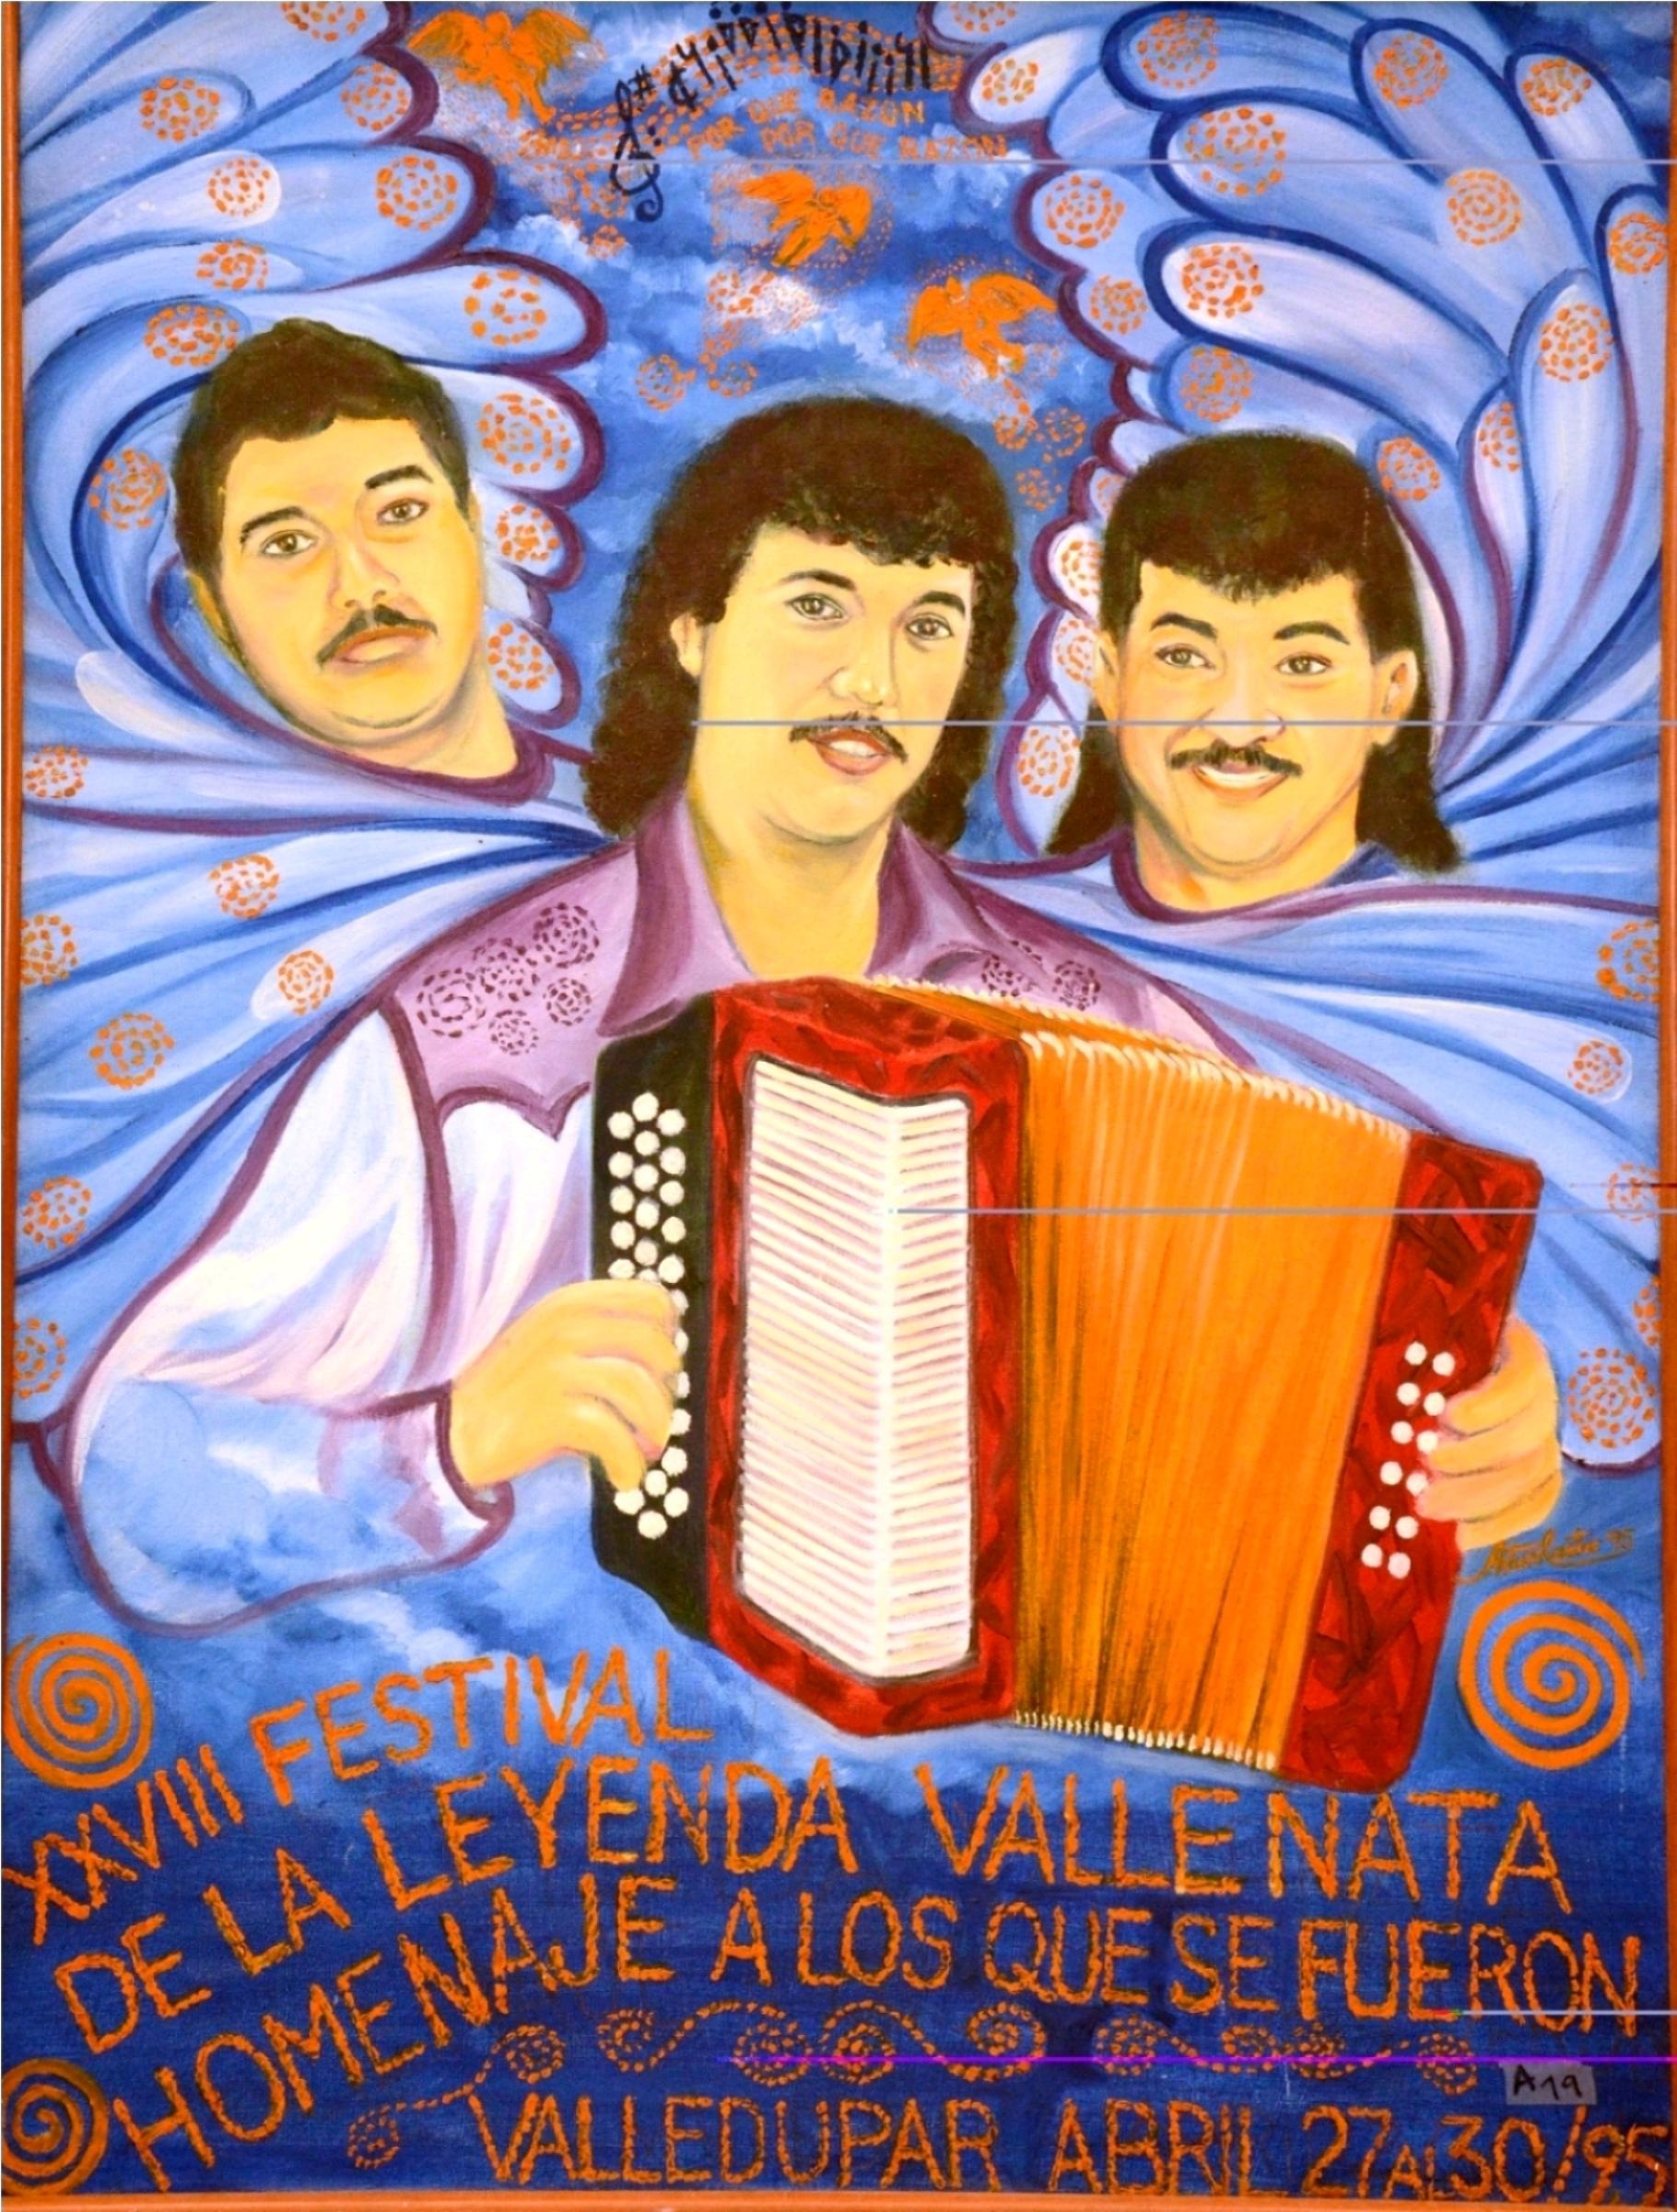 Afiche Festival Vallenato 1995